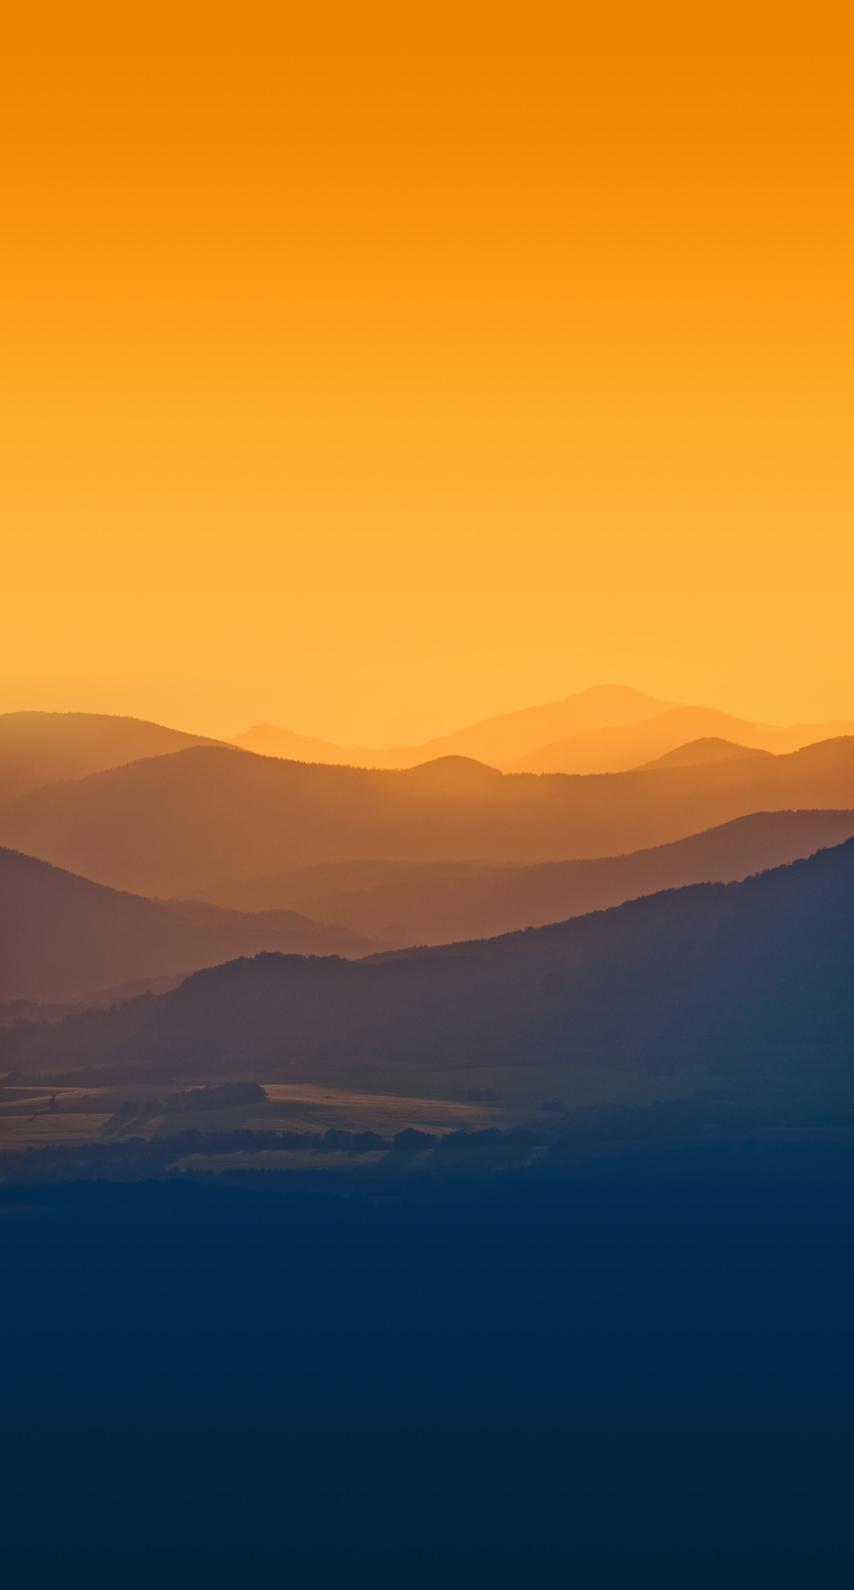 mist, horizon